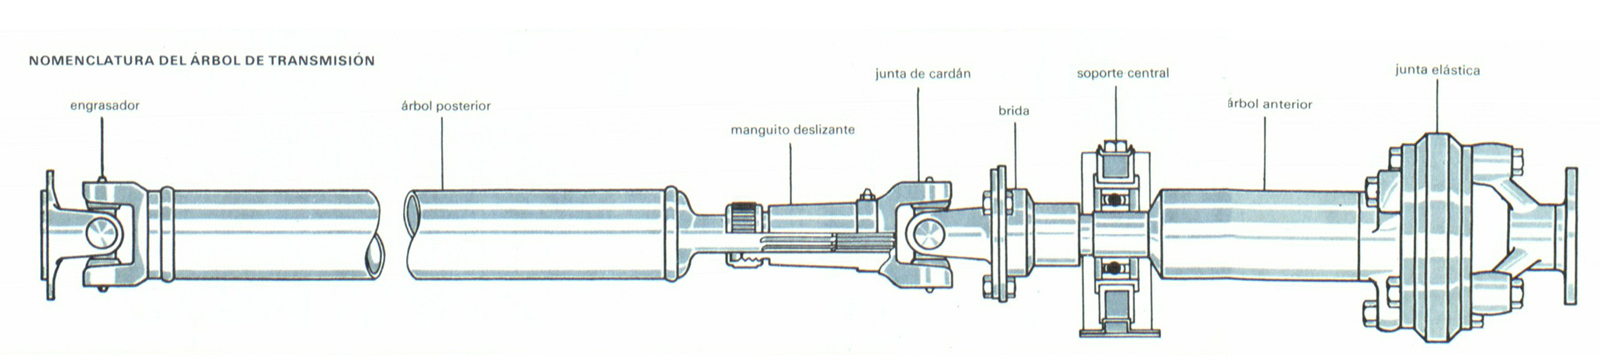 Foto arbol de transmision diccionario transmision for Arbol de fotos manual